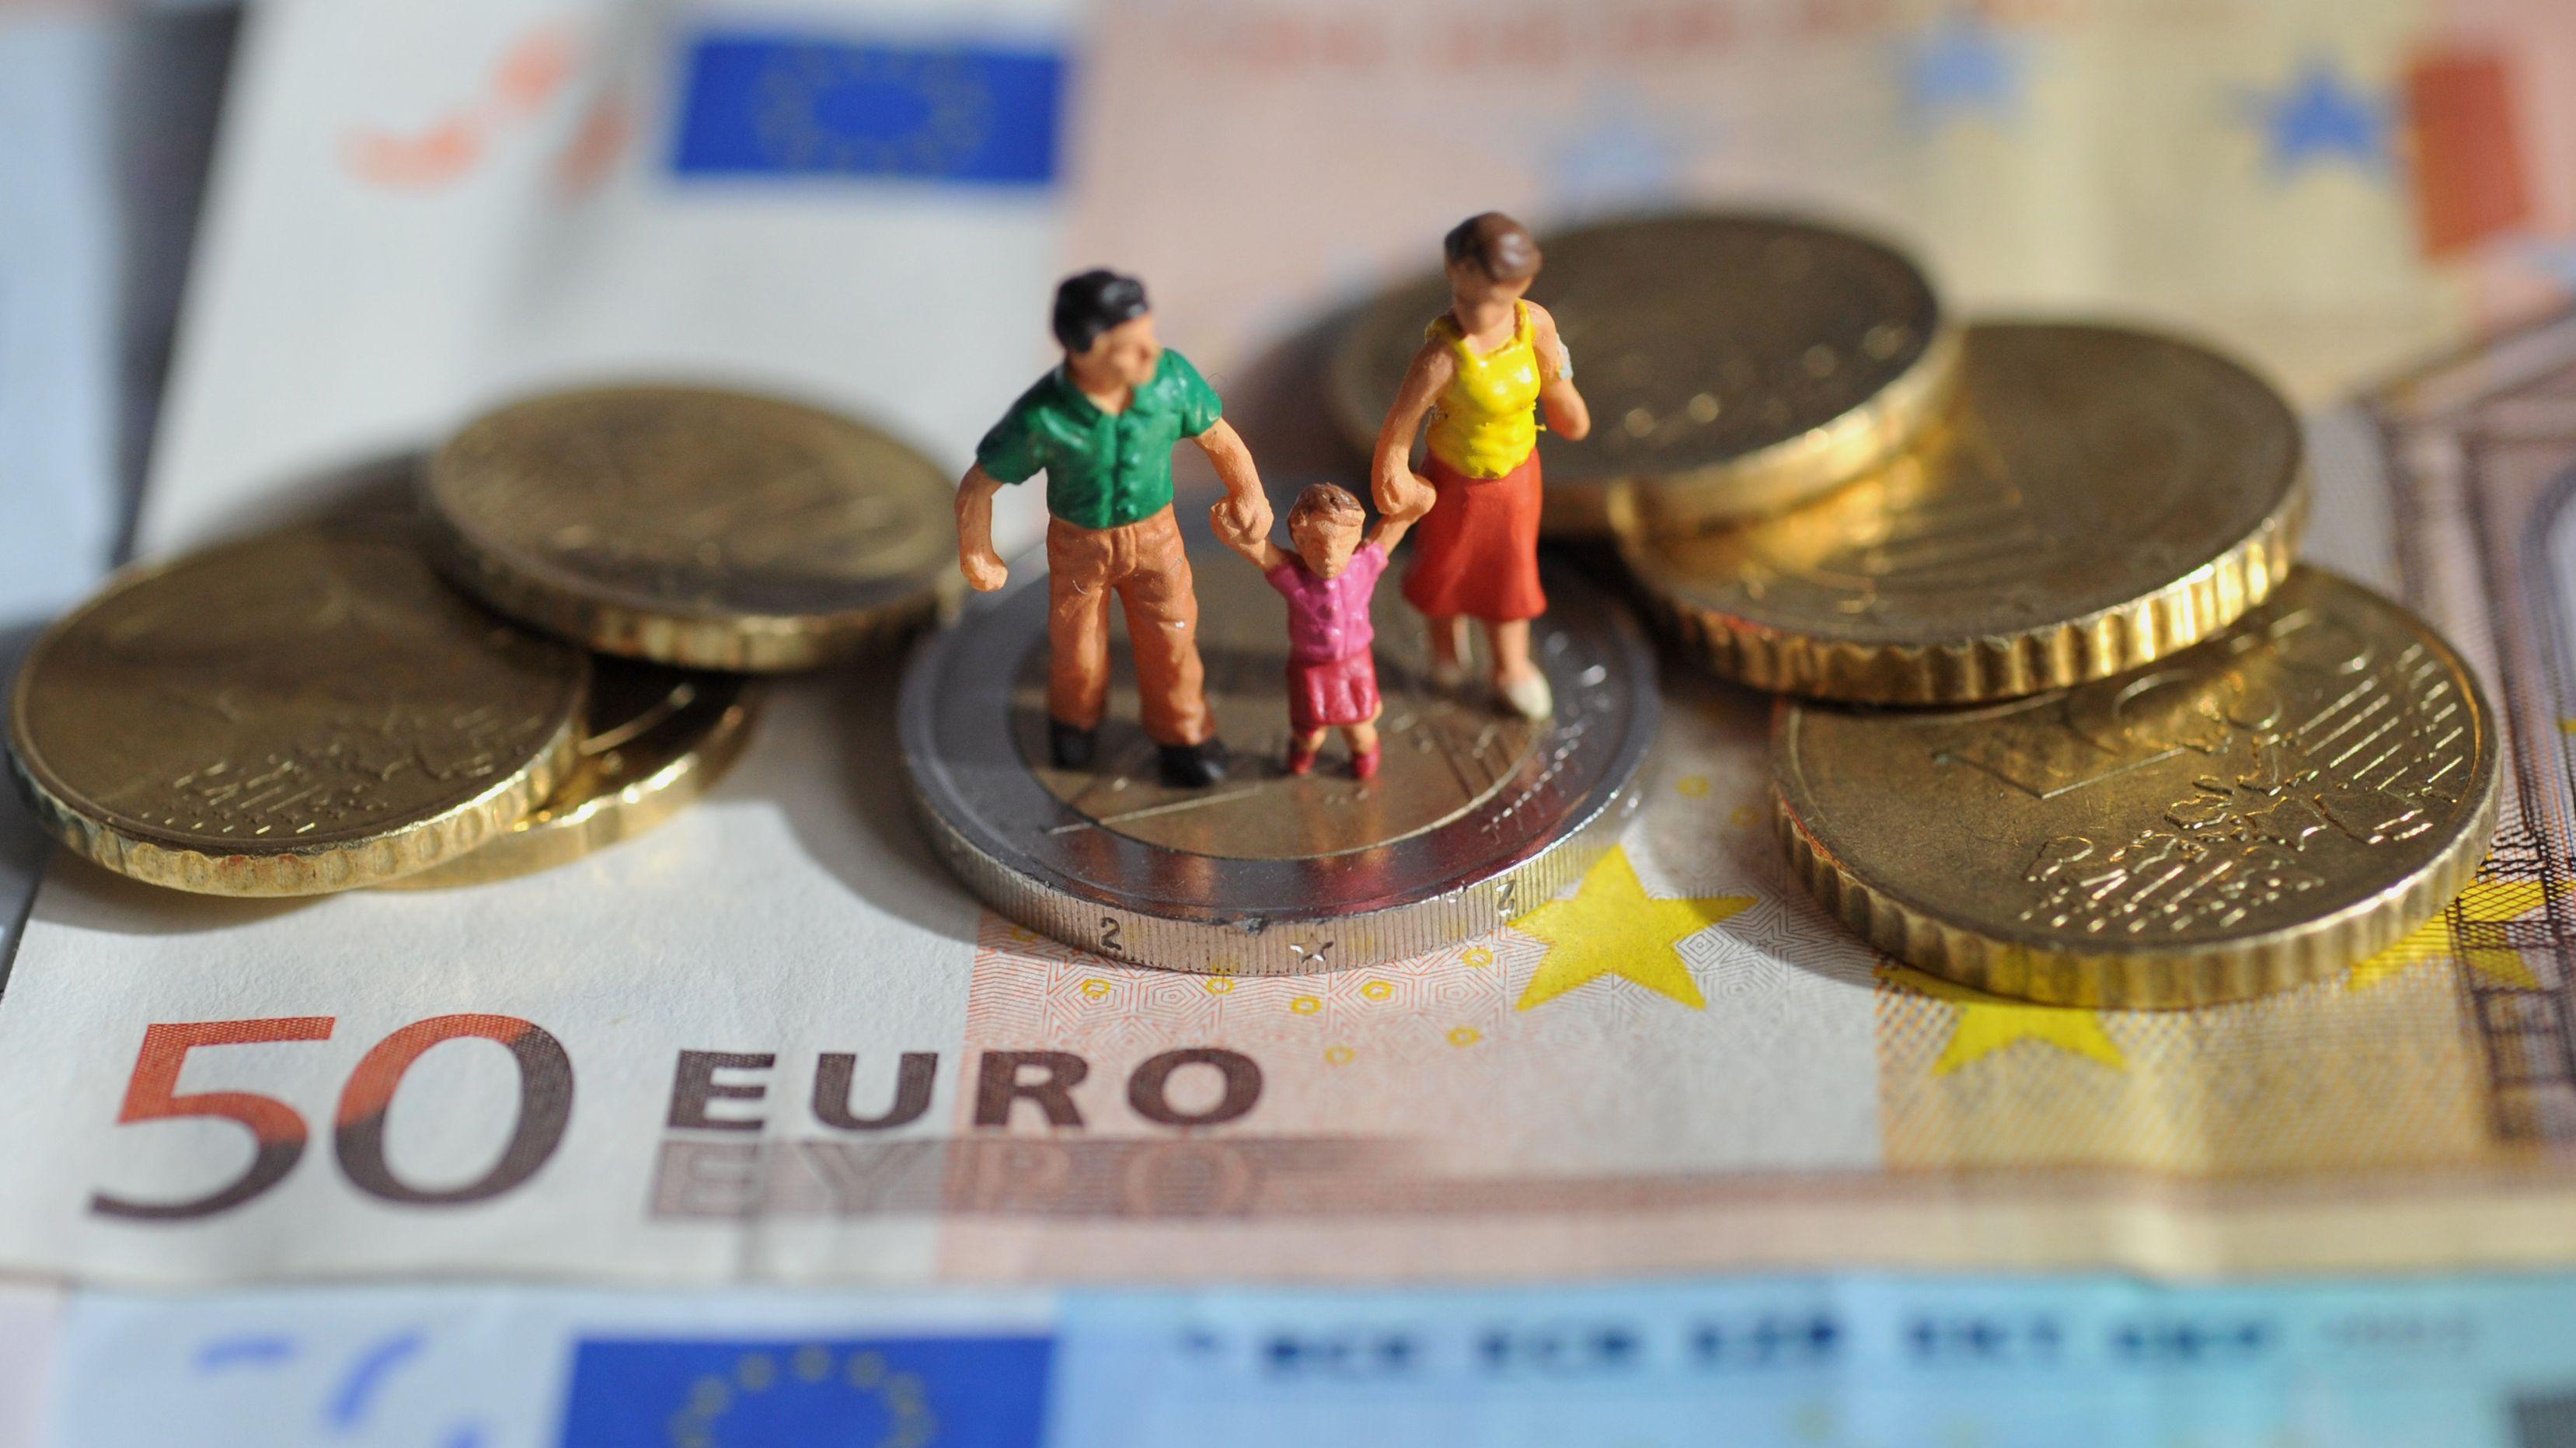 Eine Familie aus Spielzeugfiguren steht auf einem 50-Euro-Schein, darum ist Kleingeld angeordnet.